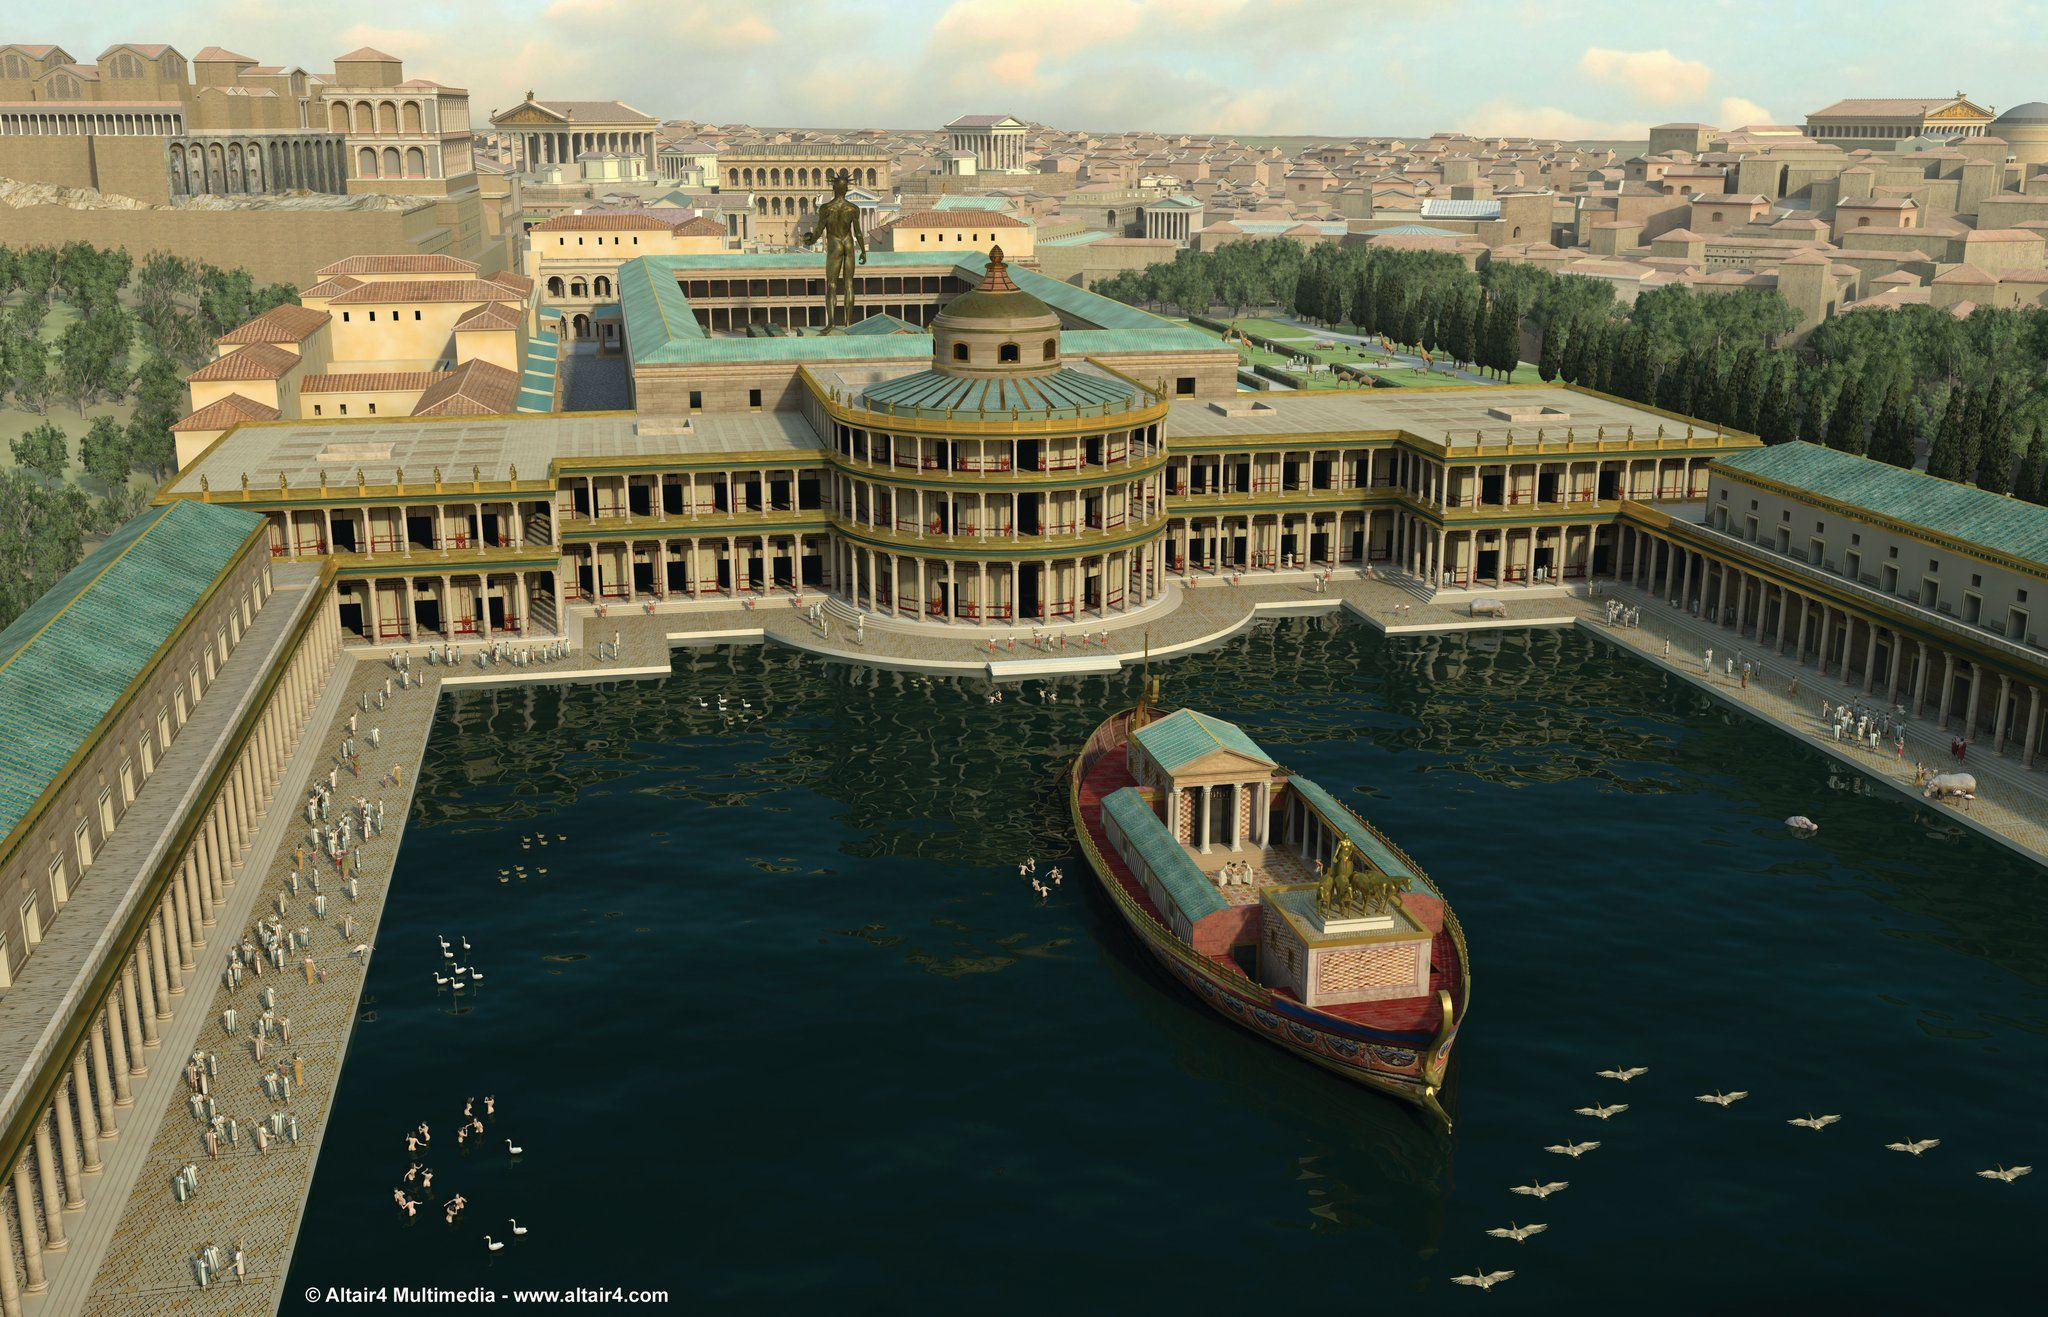 Tras la muerte de Nerón (68 d.C.) ¿A qué se destinan durante la dinastía Flavia los terrenos de su residencia, la Domus Aurea?